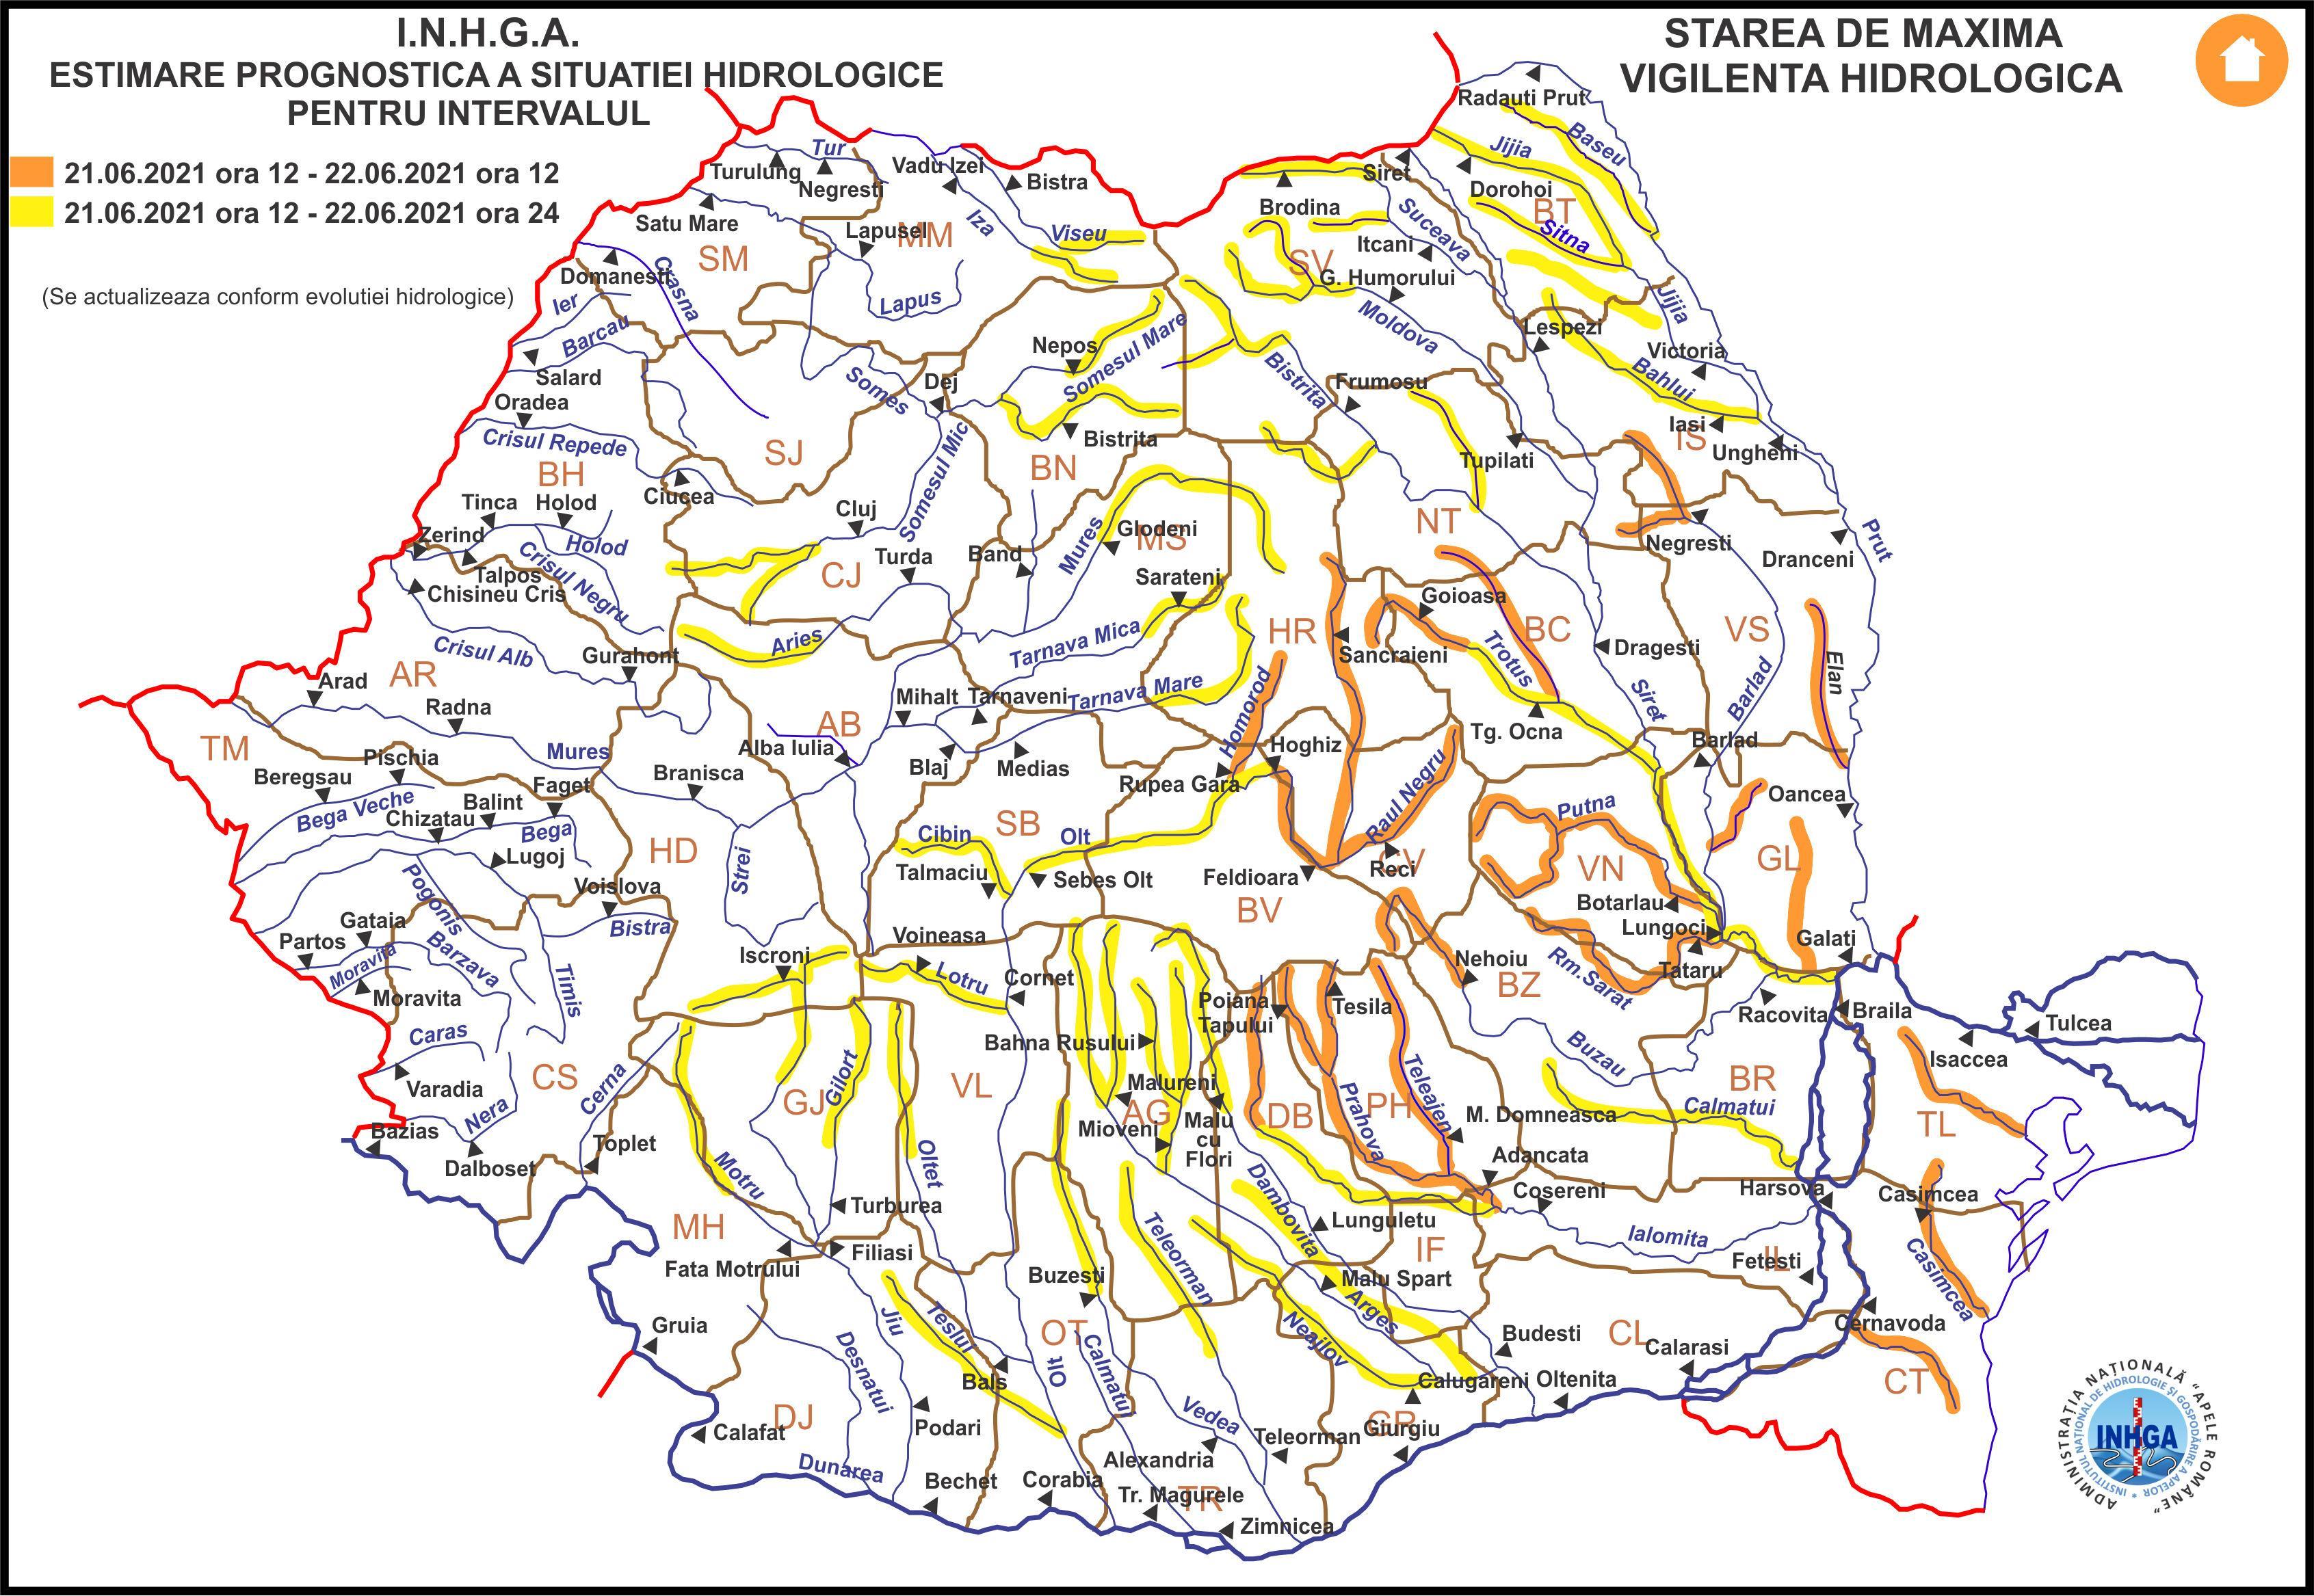 Avertizare hidrologică emisă de Institutul Național de Hidrologie și Gospodărire a Apelor